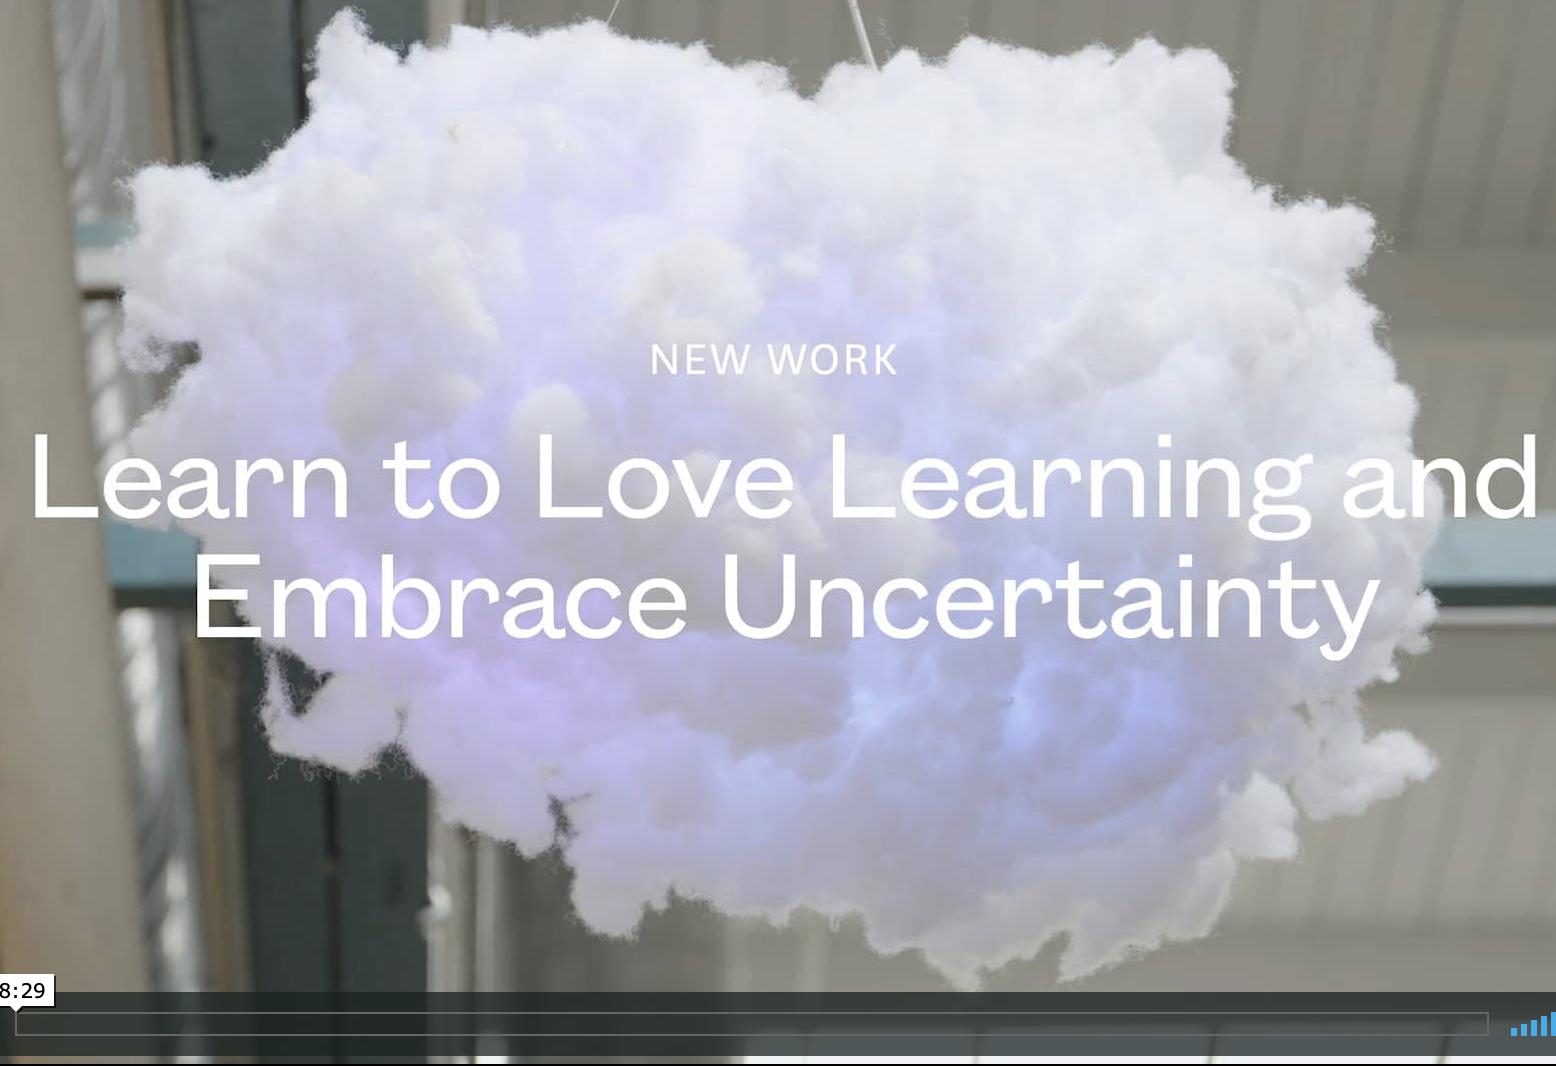 Tysk dokumentar om fremtidens arbejde og læring